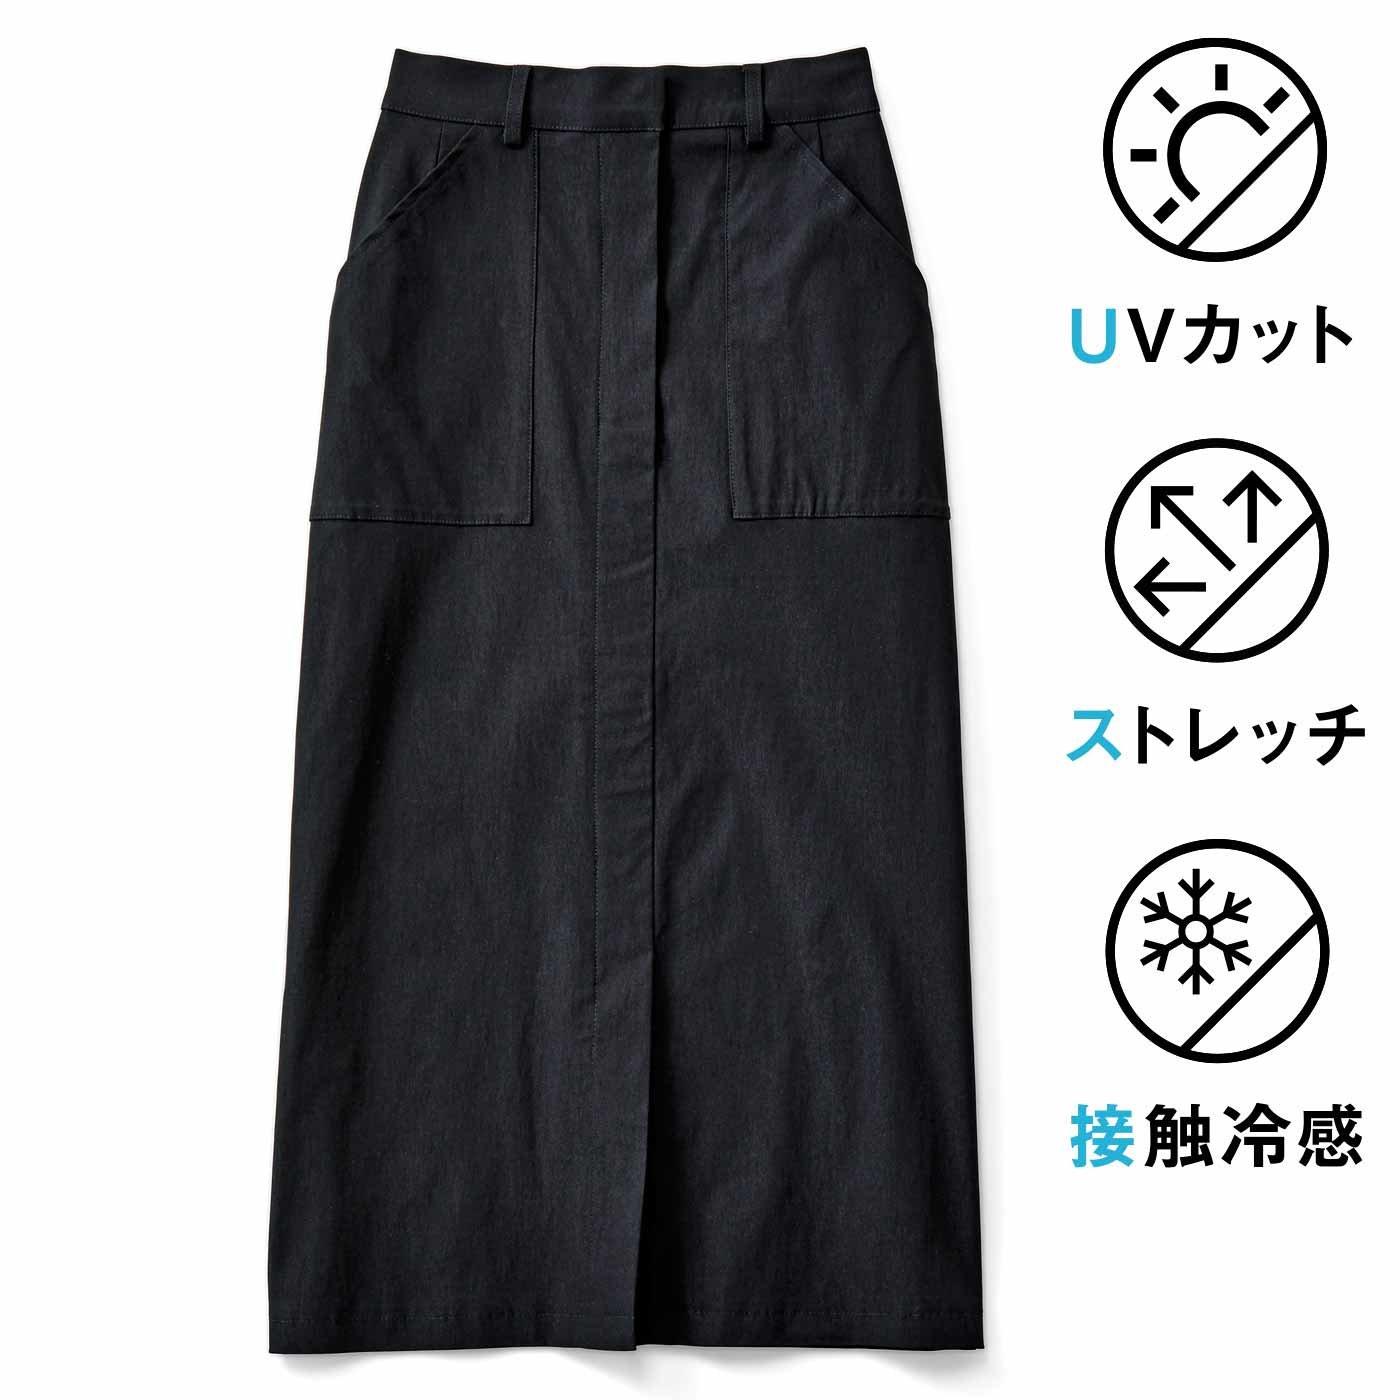 IEDIT[イディット] ストレッチ素材のIライン クレッシェンドカットスカート〈ブラック〉